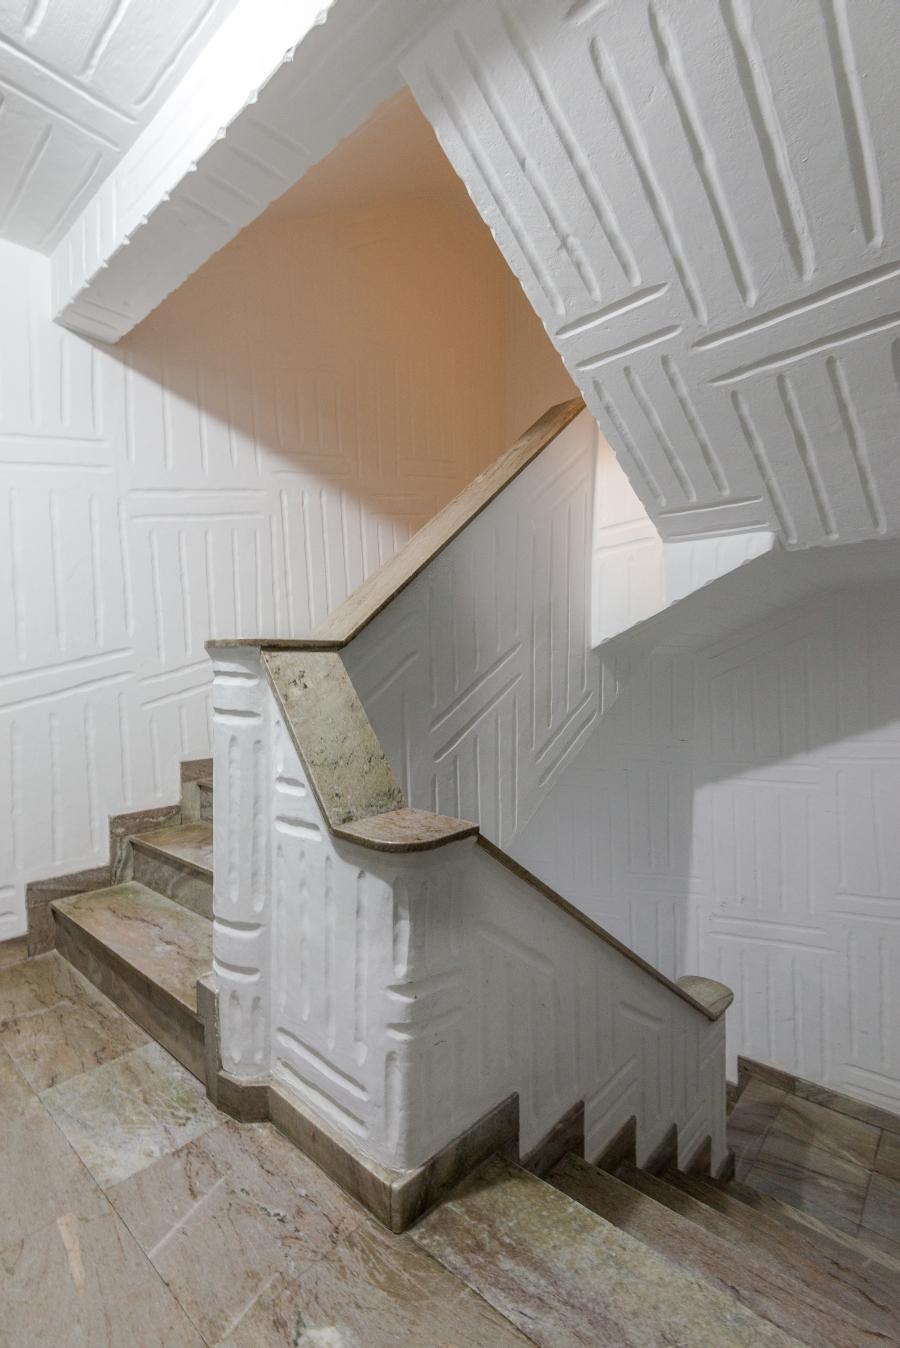 Geometrismo das escadas é potencializado pela textura.